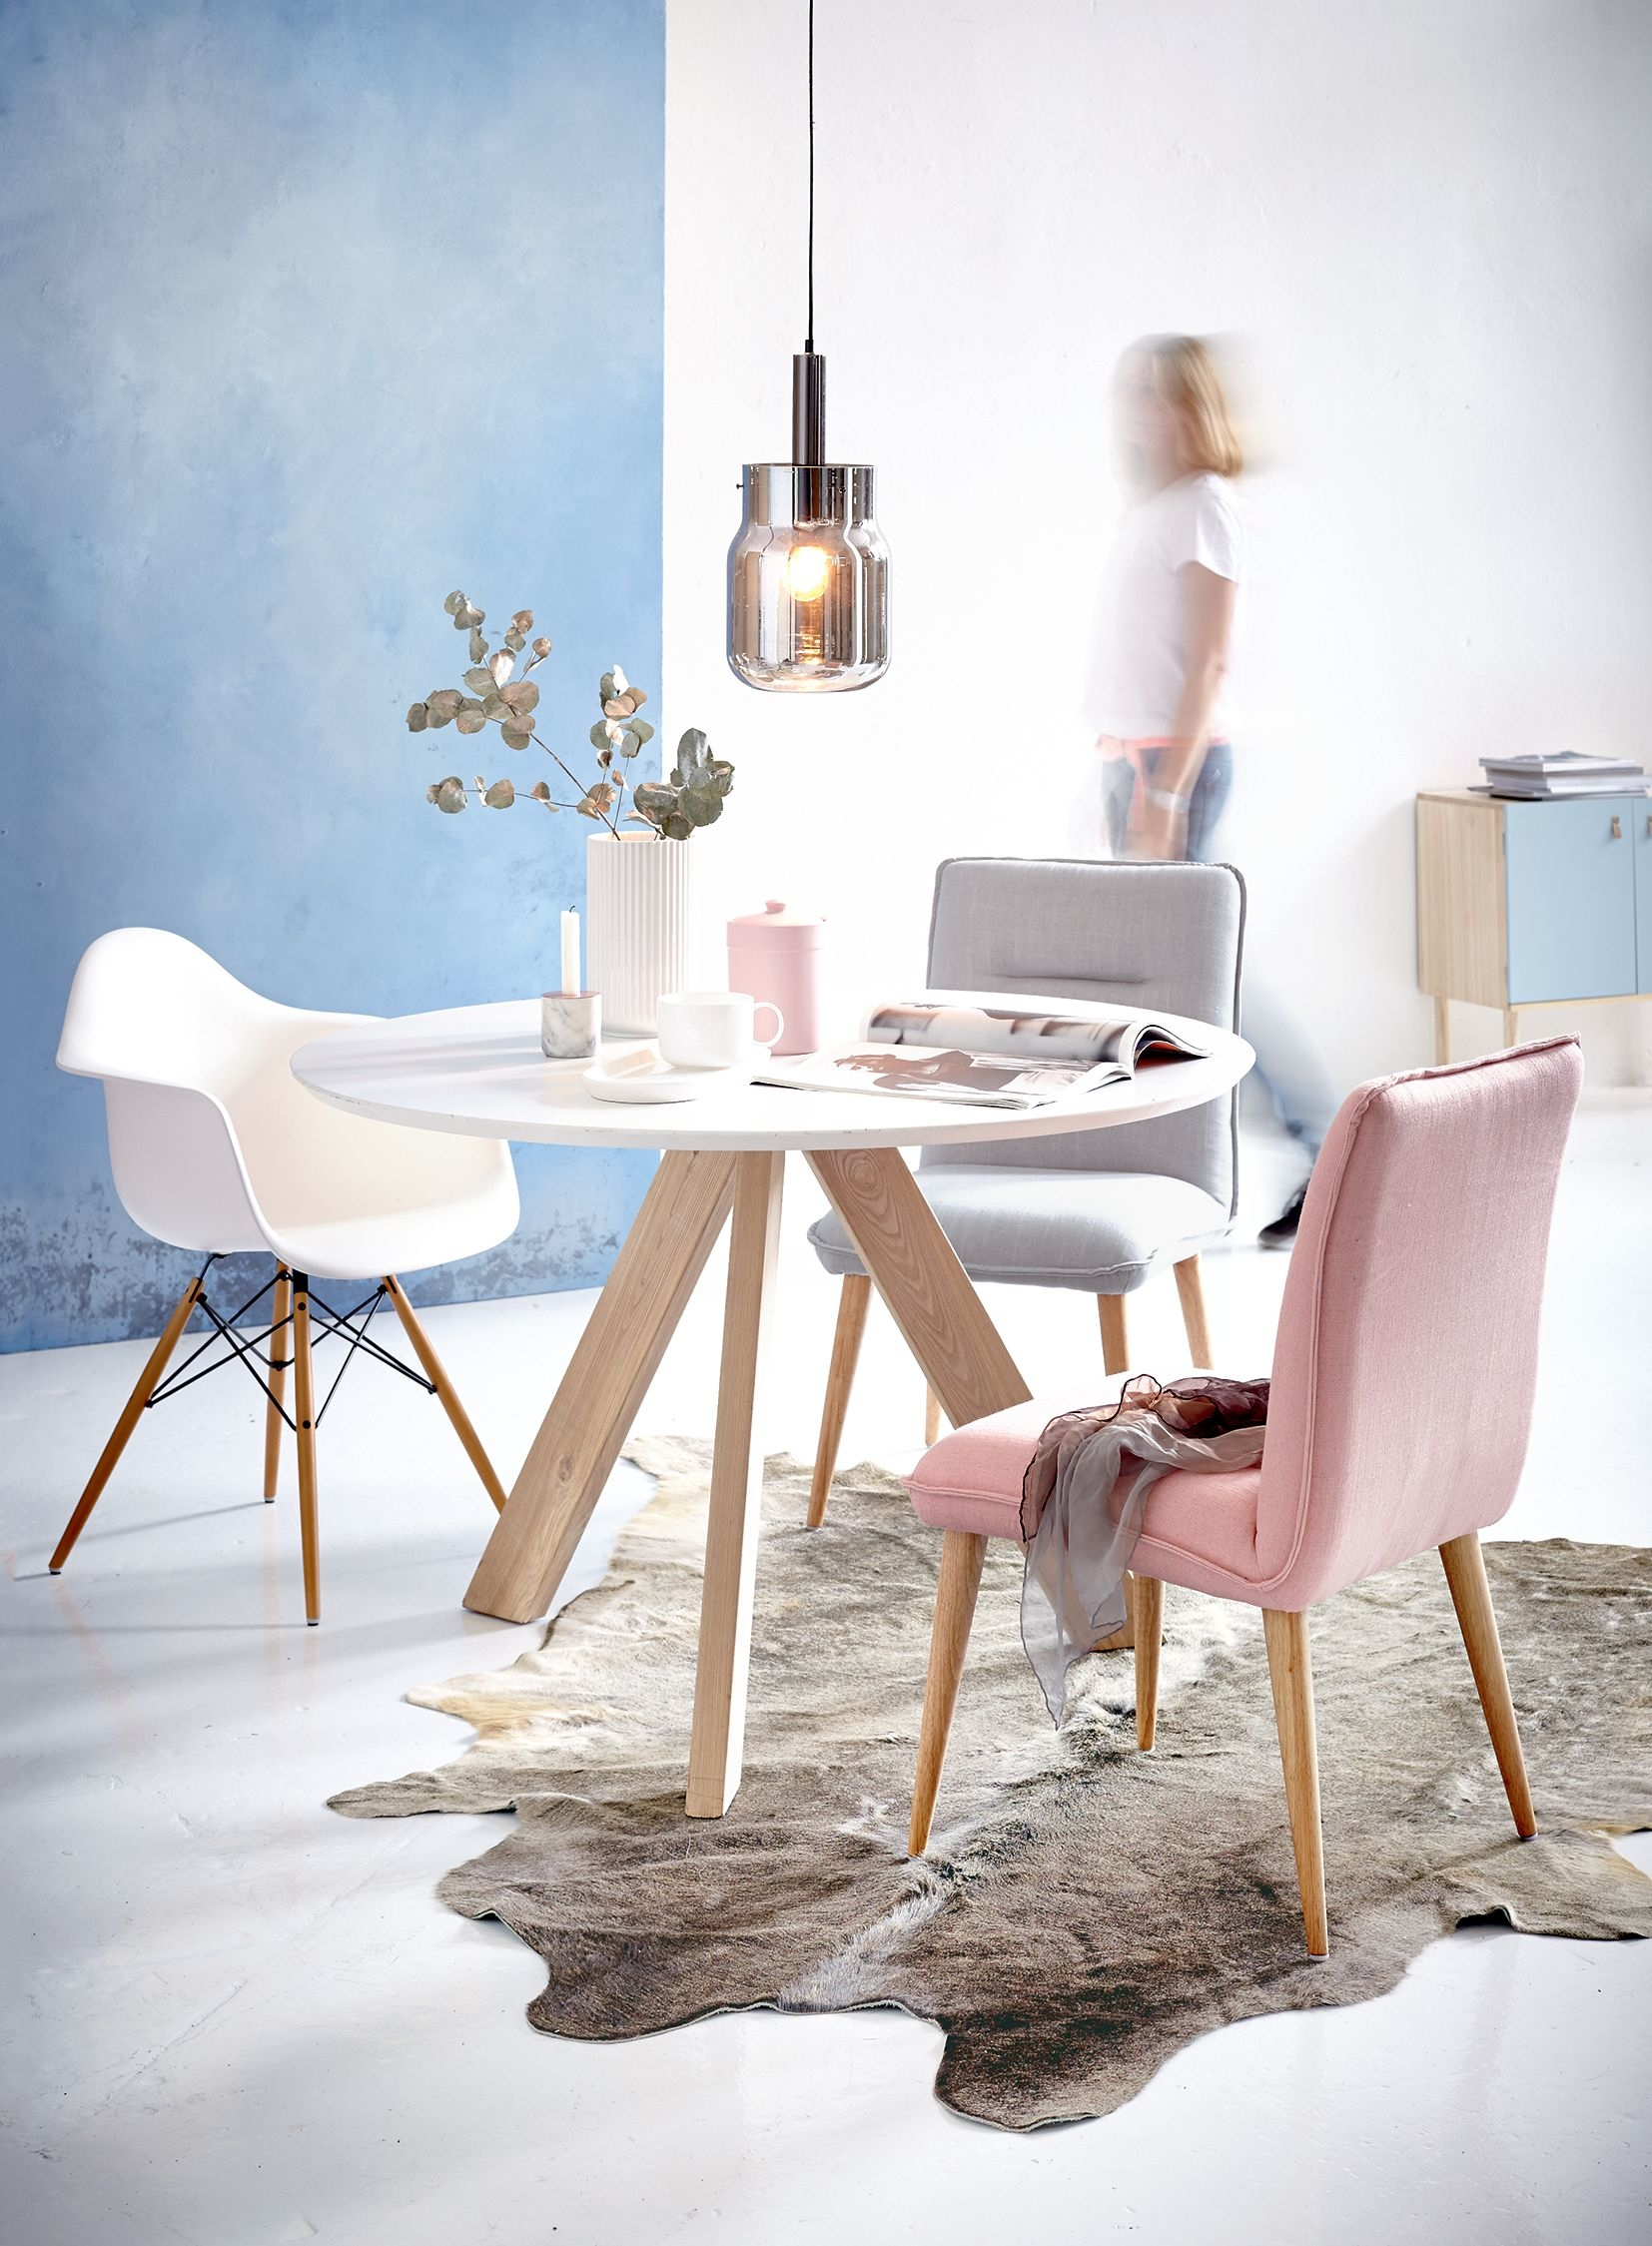 Esszimmer Pastell Stühle Tisch Lampe Deko Möbel Miss Made It